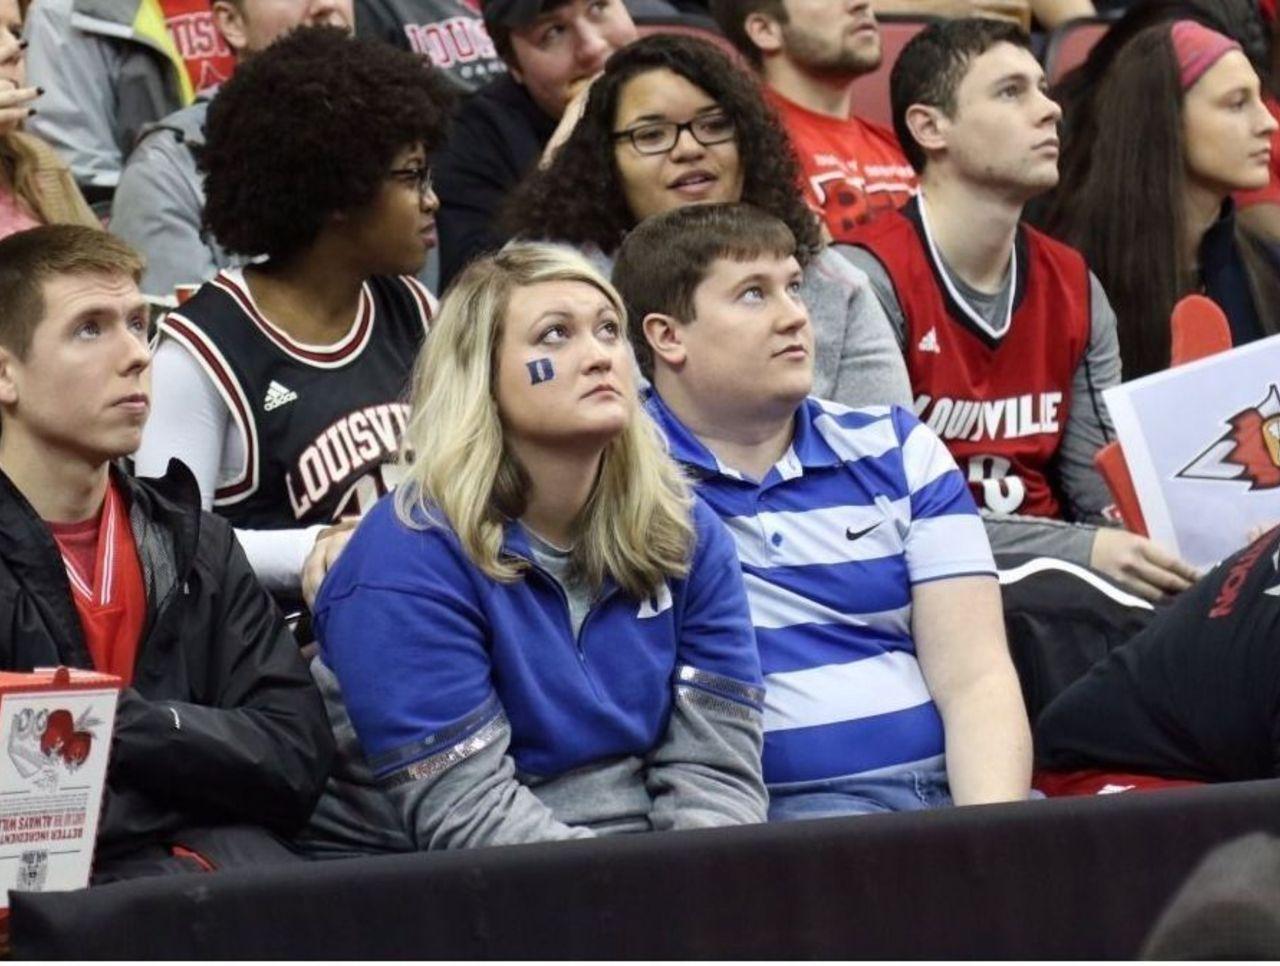 Duke fans appear to regret sitting in Louisville's student ...